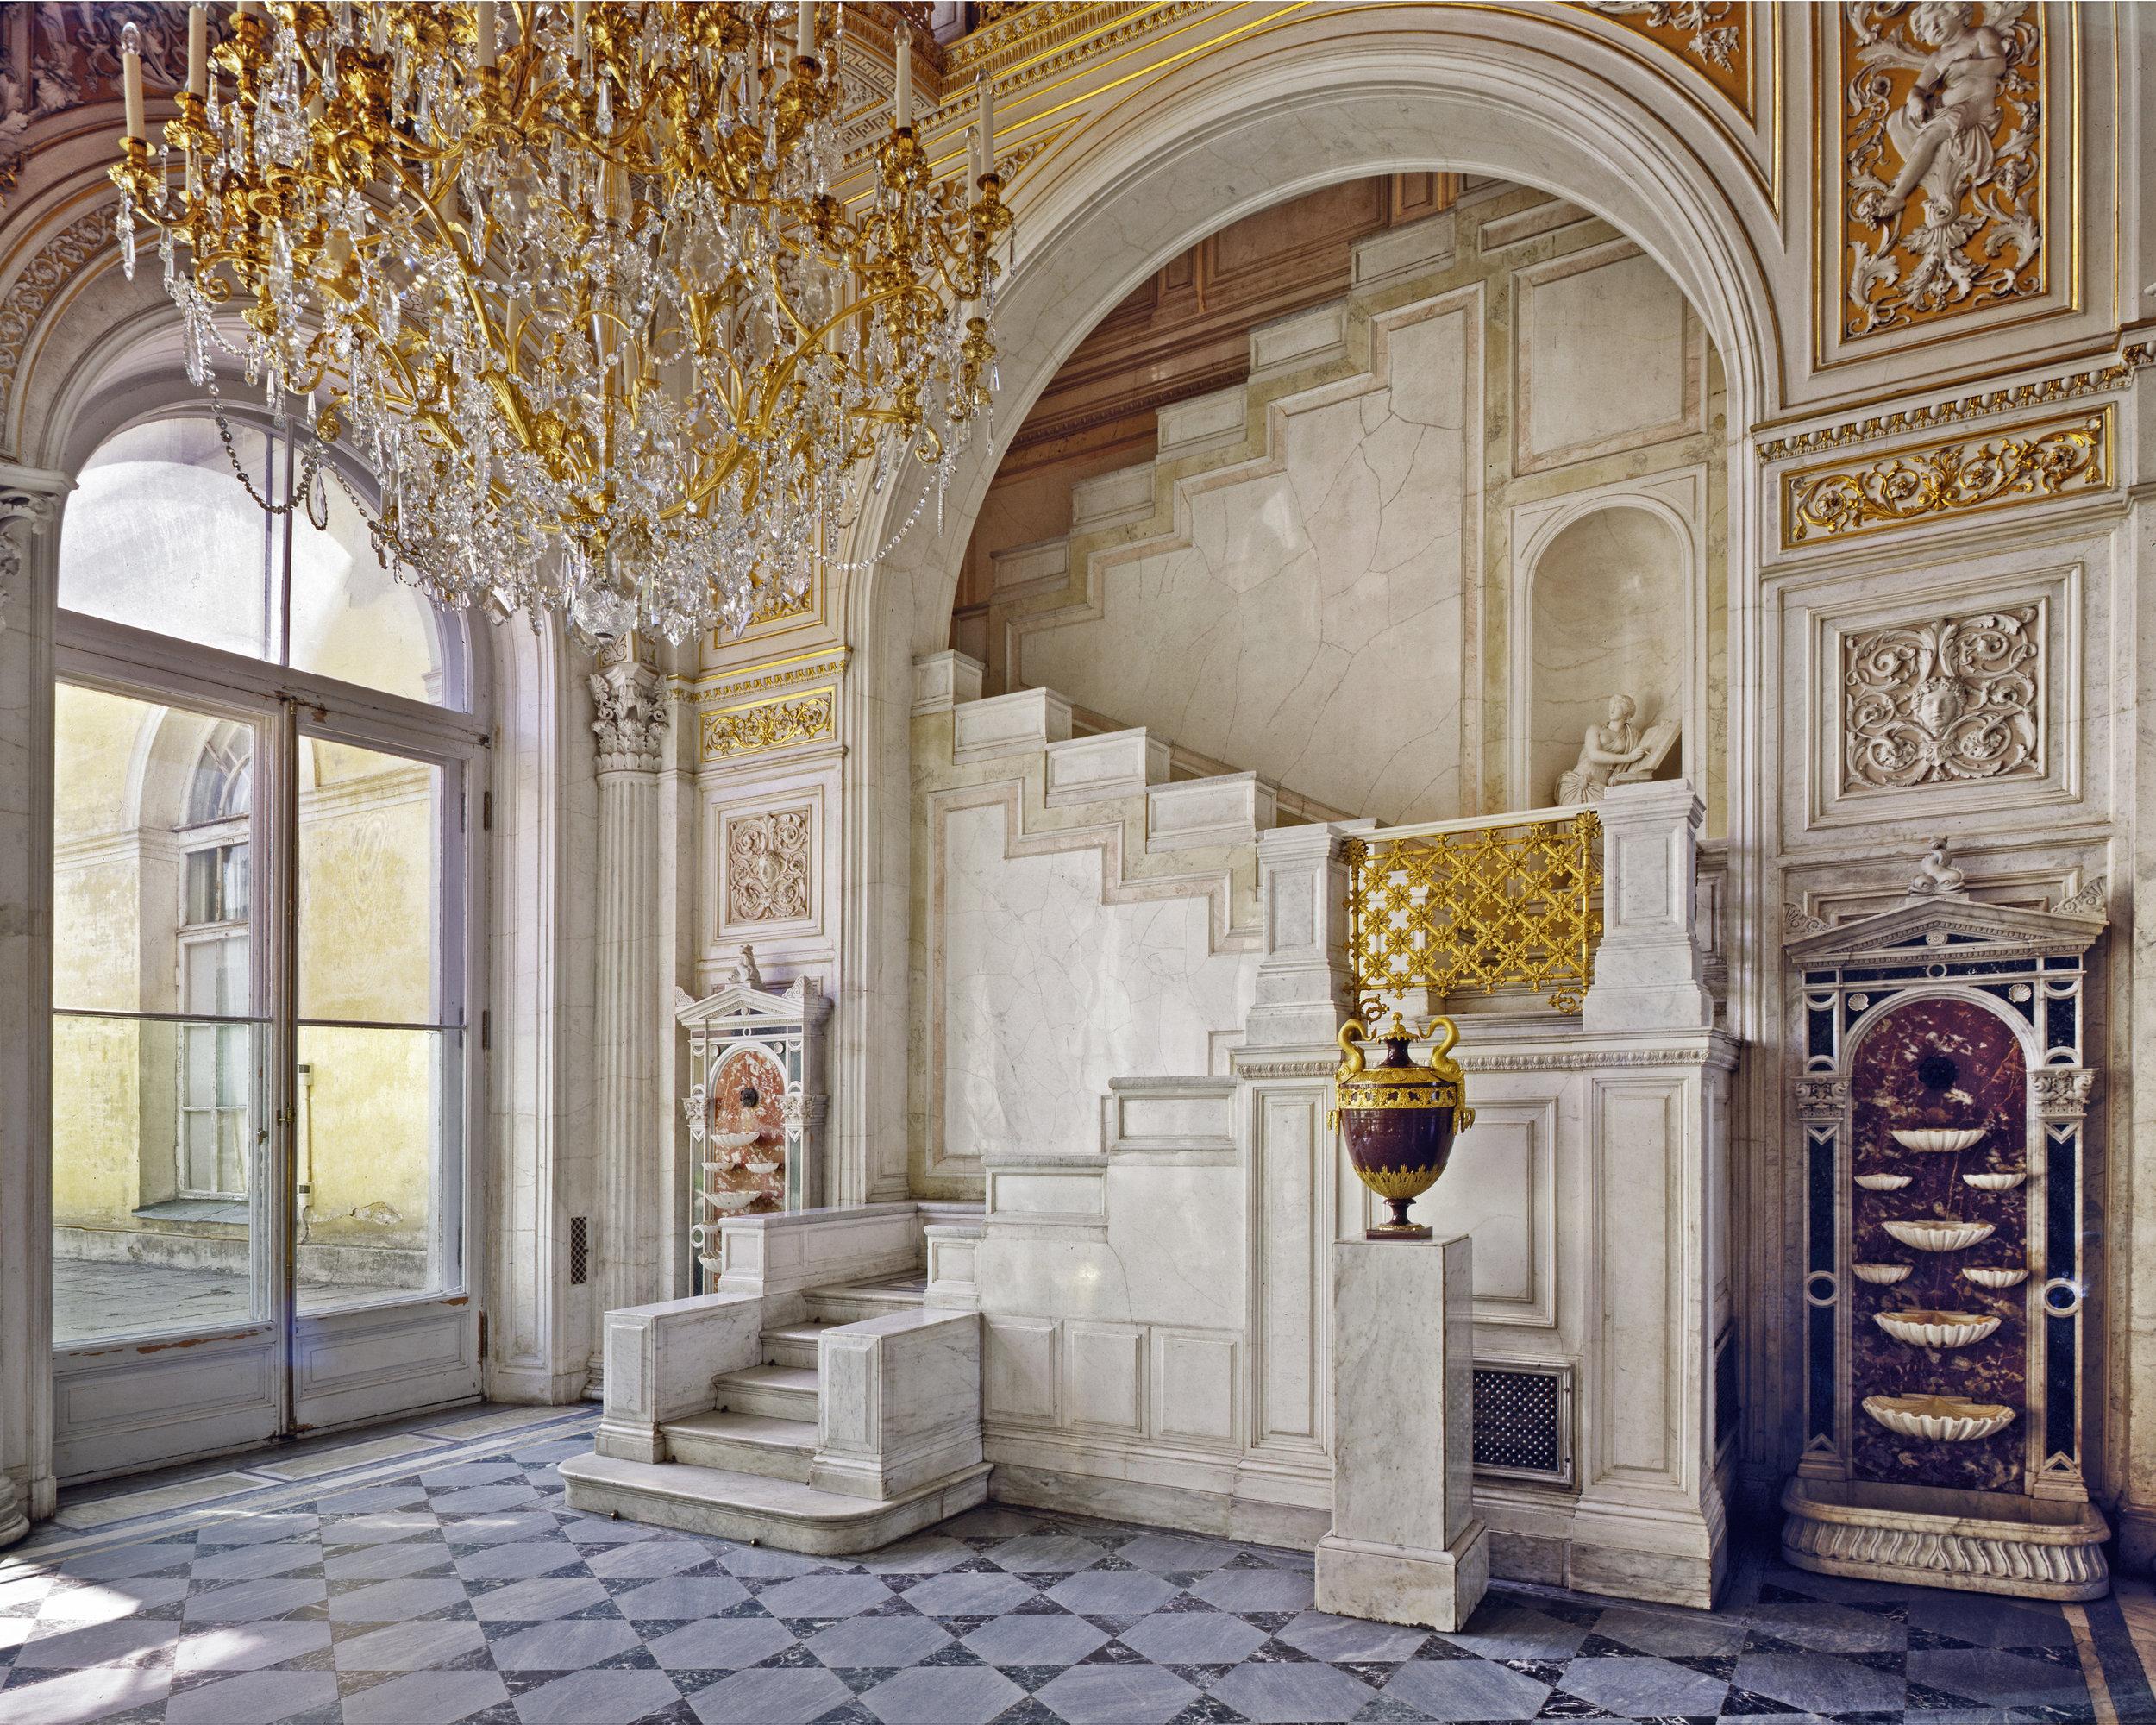 Salle du Pavillion, Musée de l'Ermitage - Saint-Pétersbourg 2008